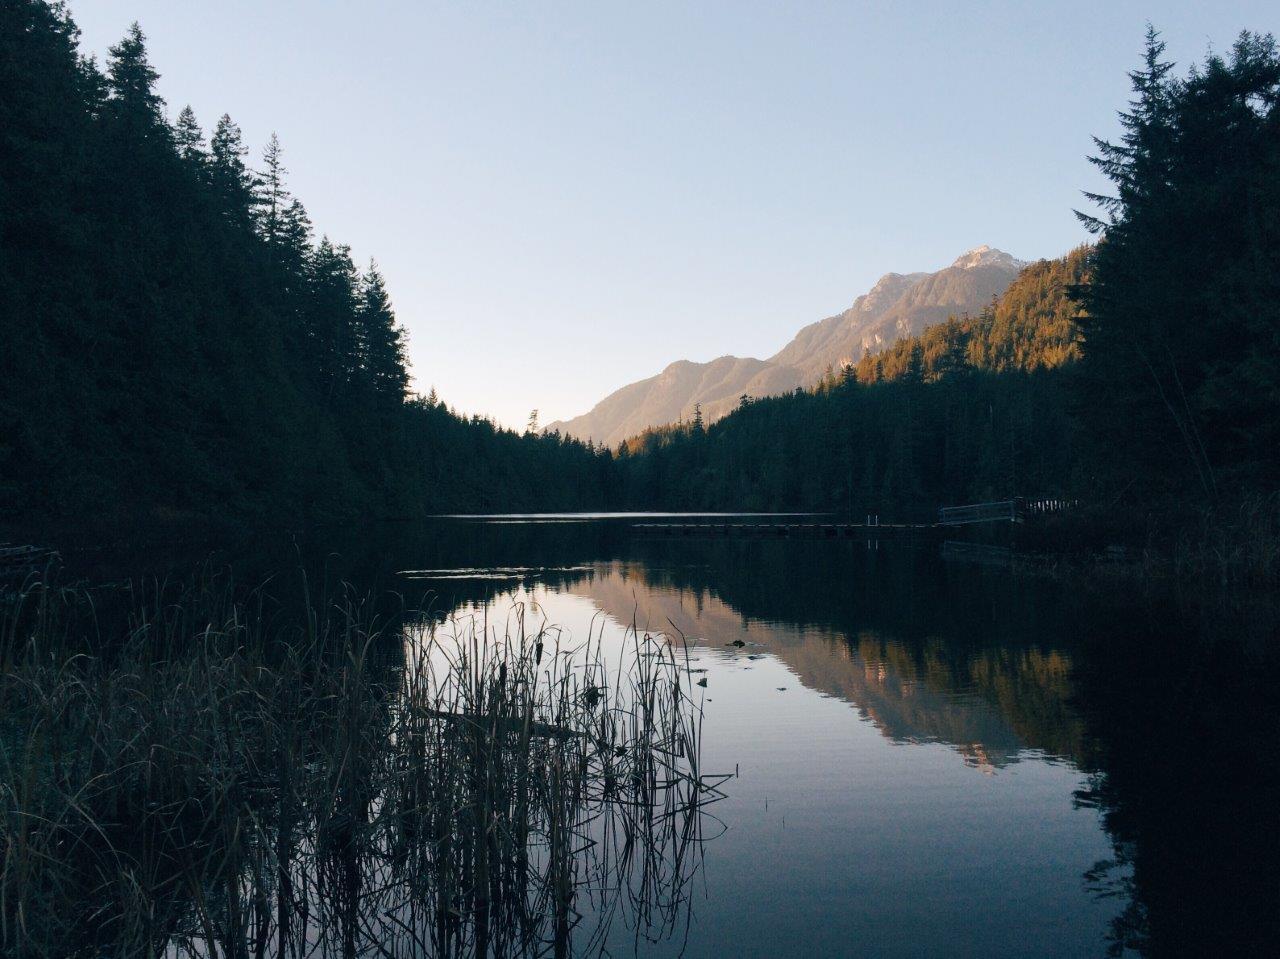 Sunrise at Evans Lake